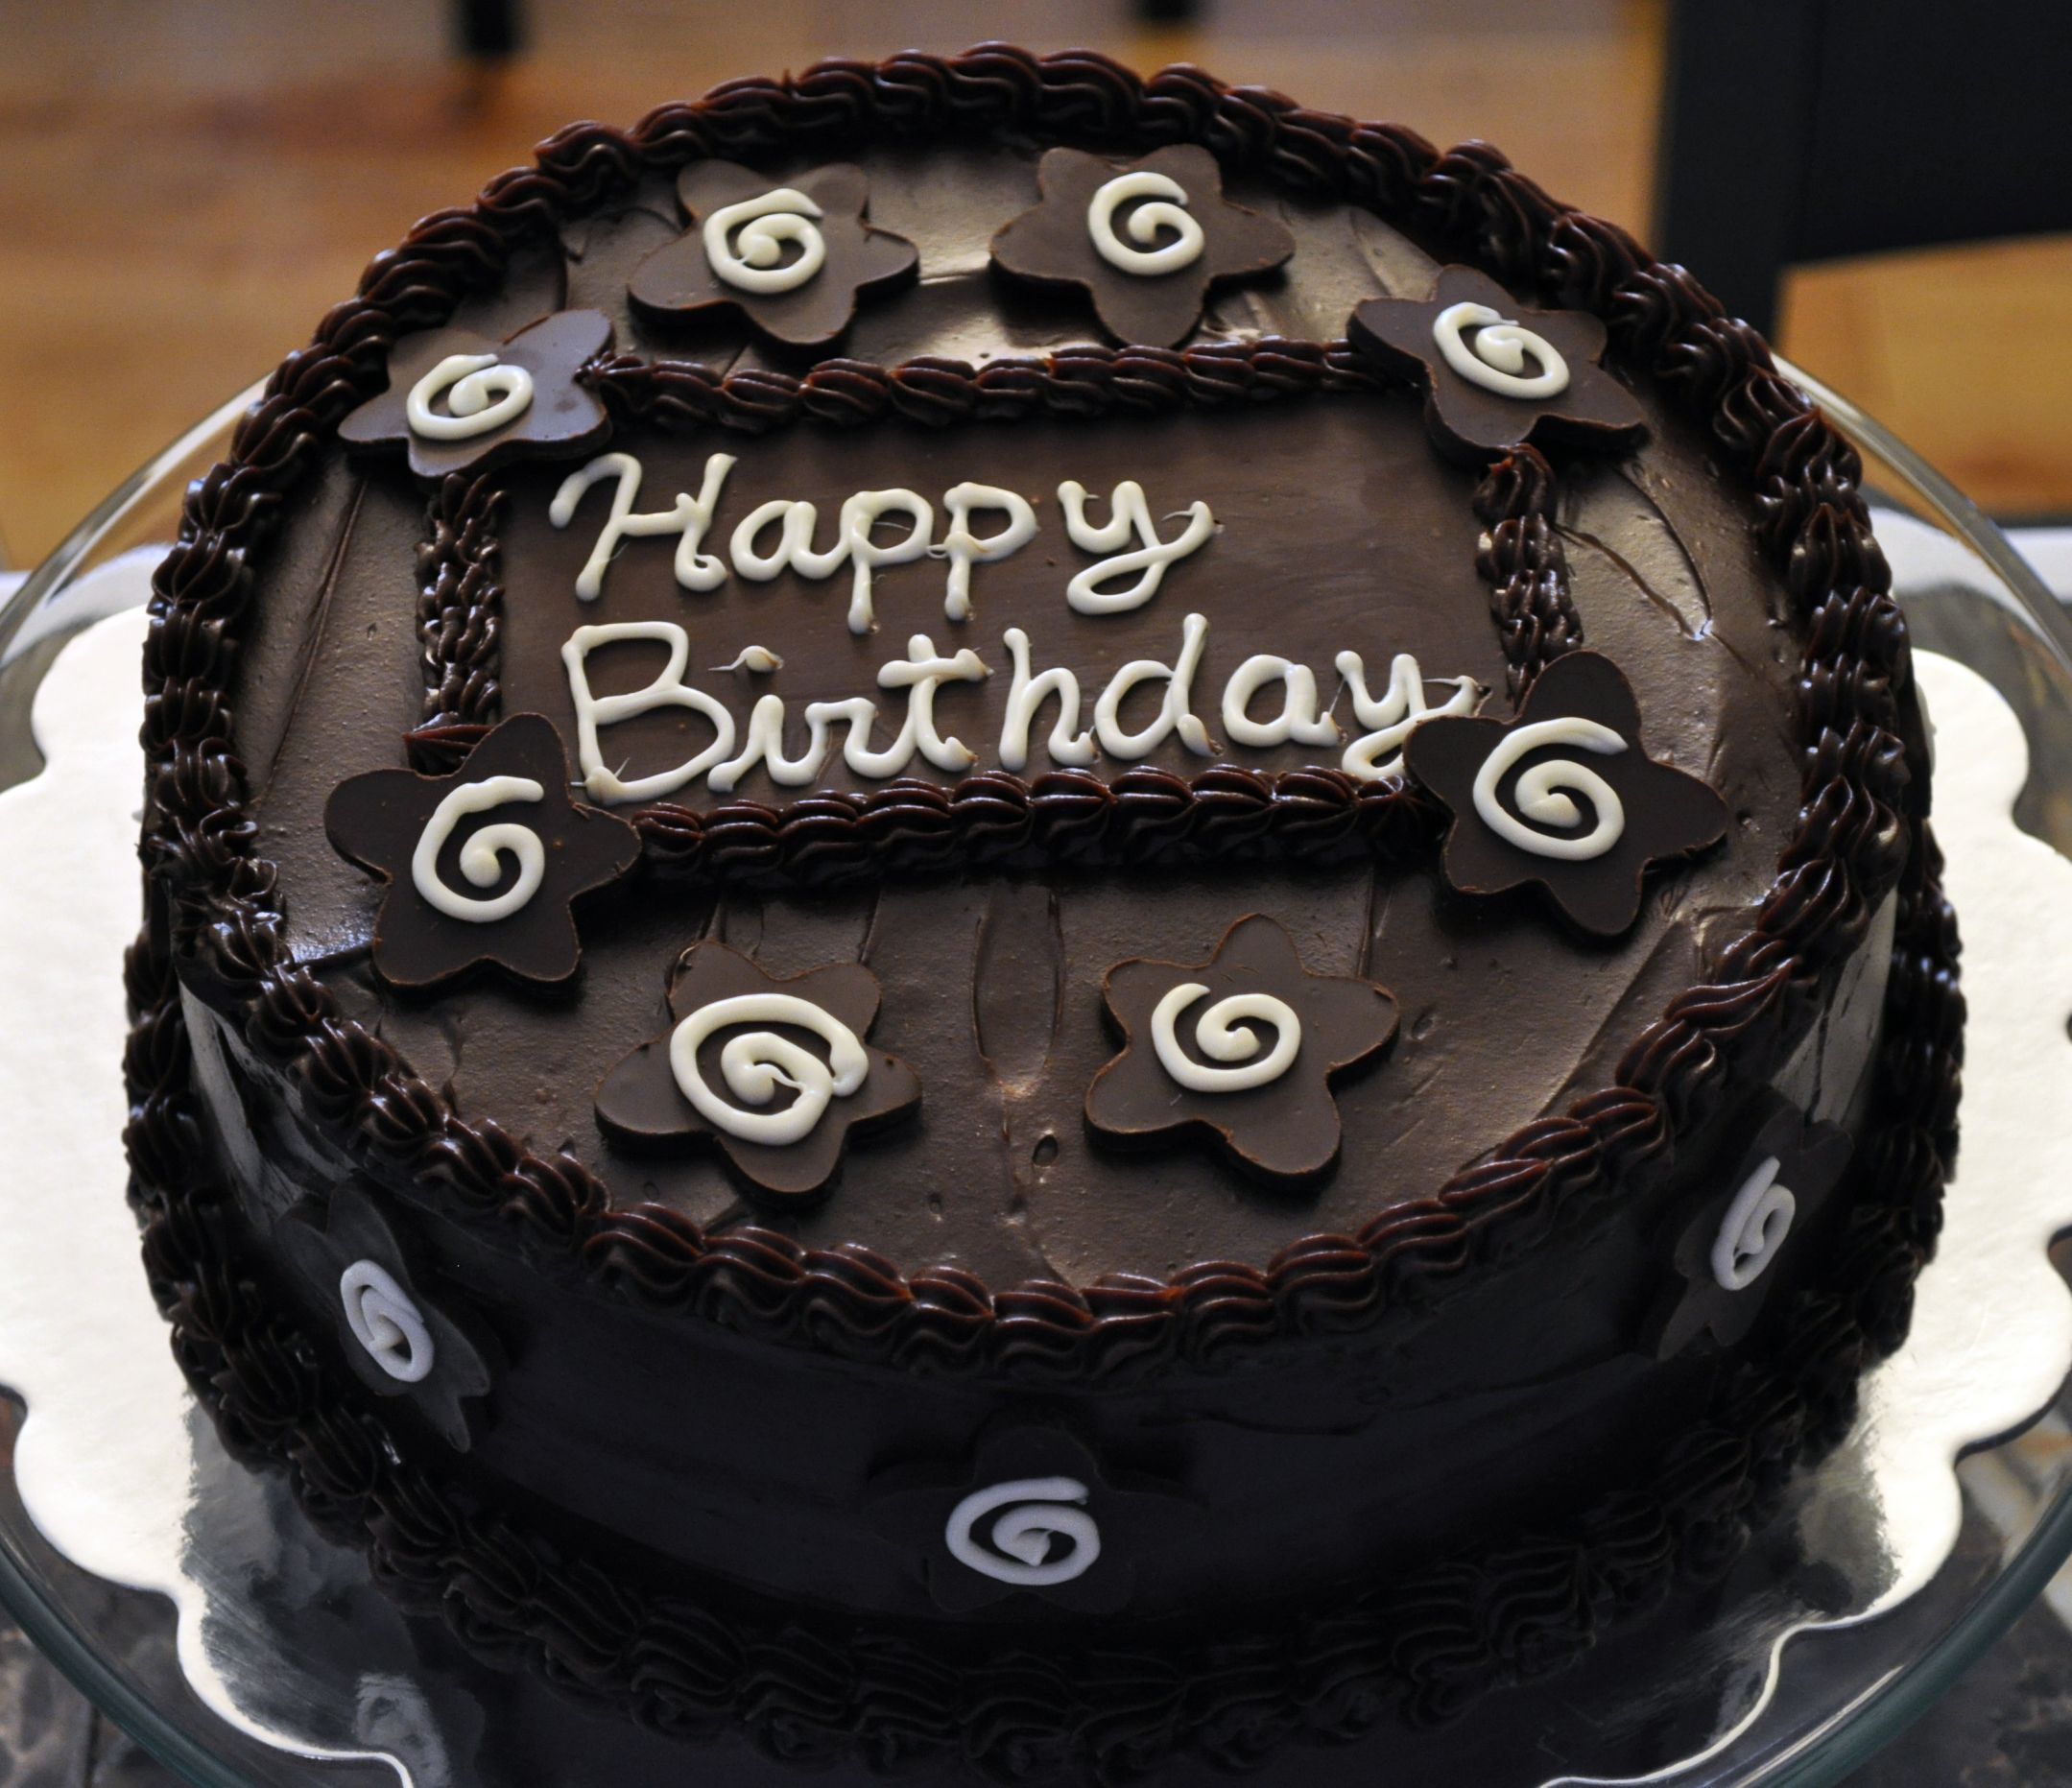 Happy Birthday New Black Forest Cake Cake Pinterest Black